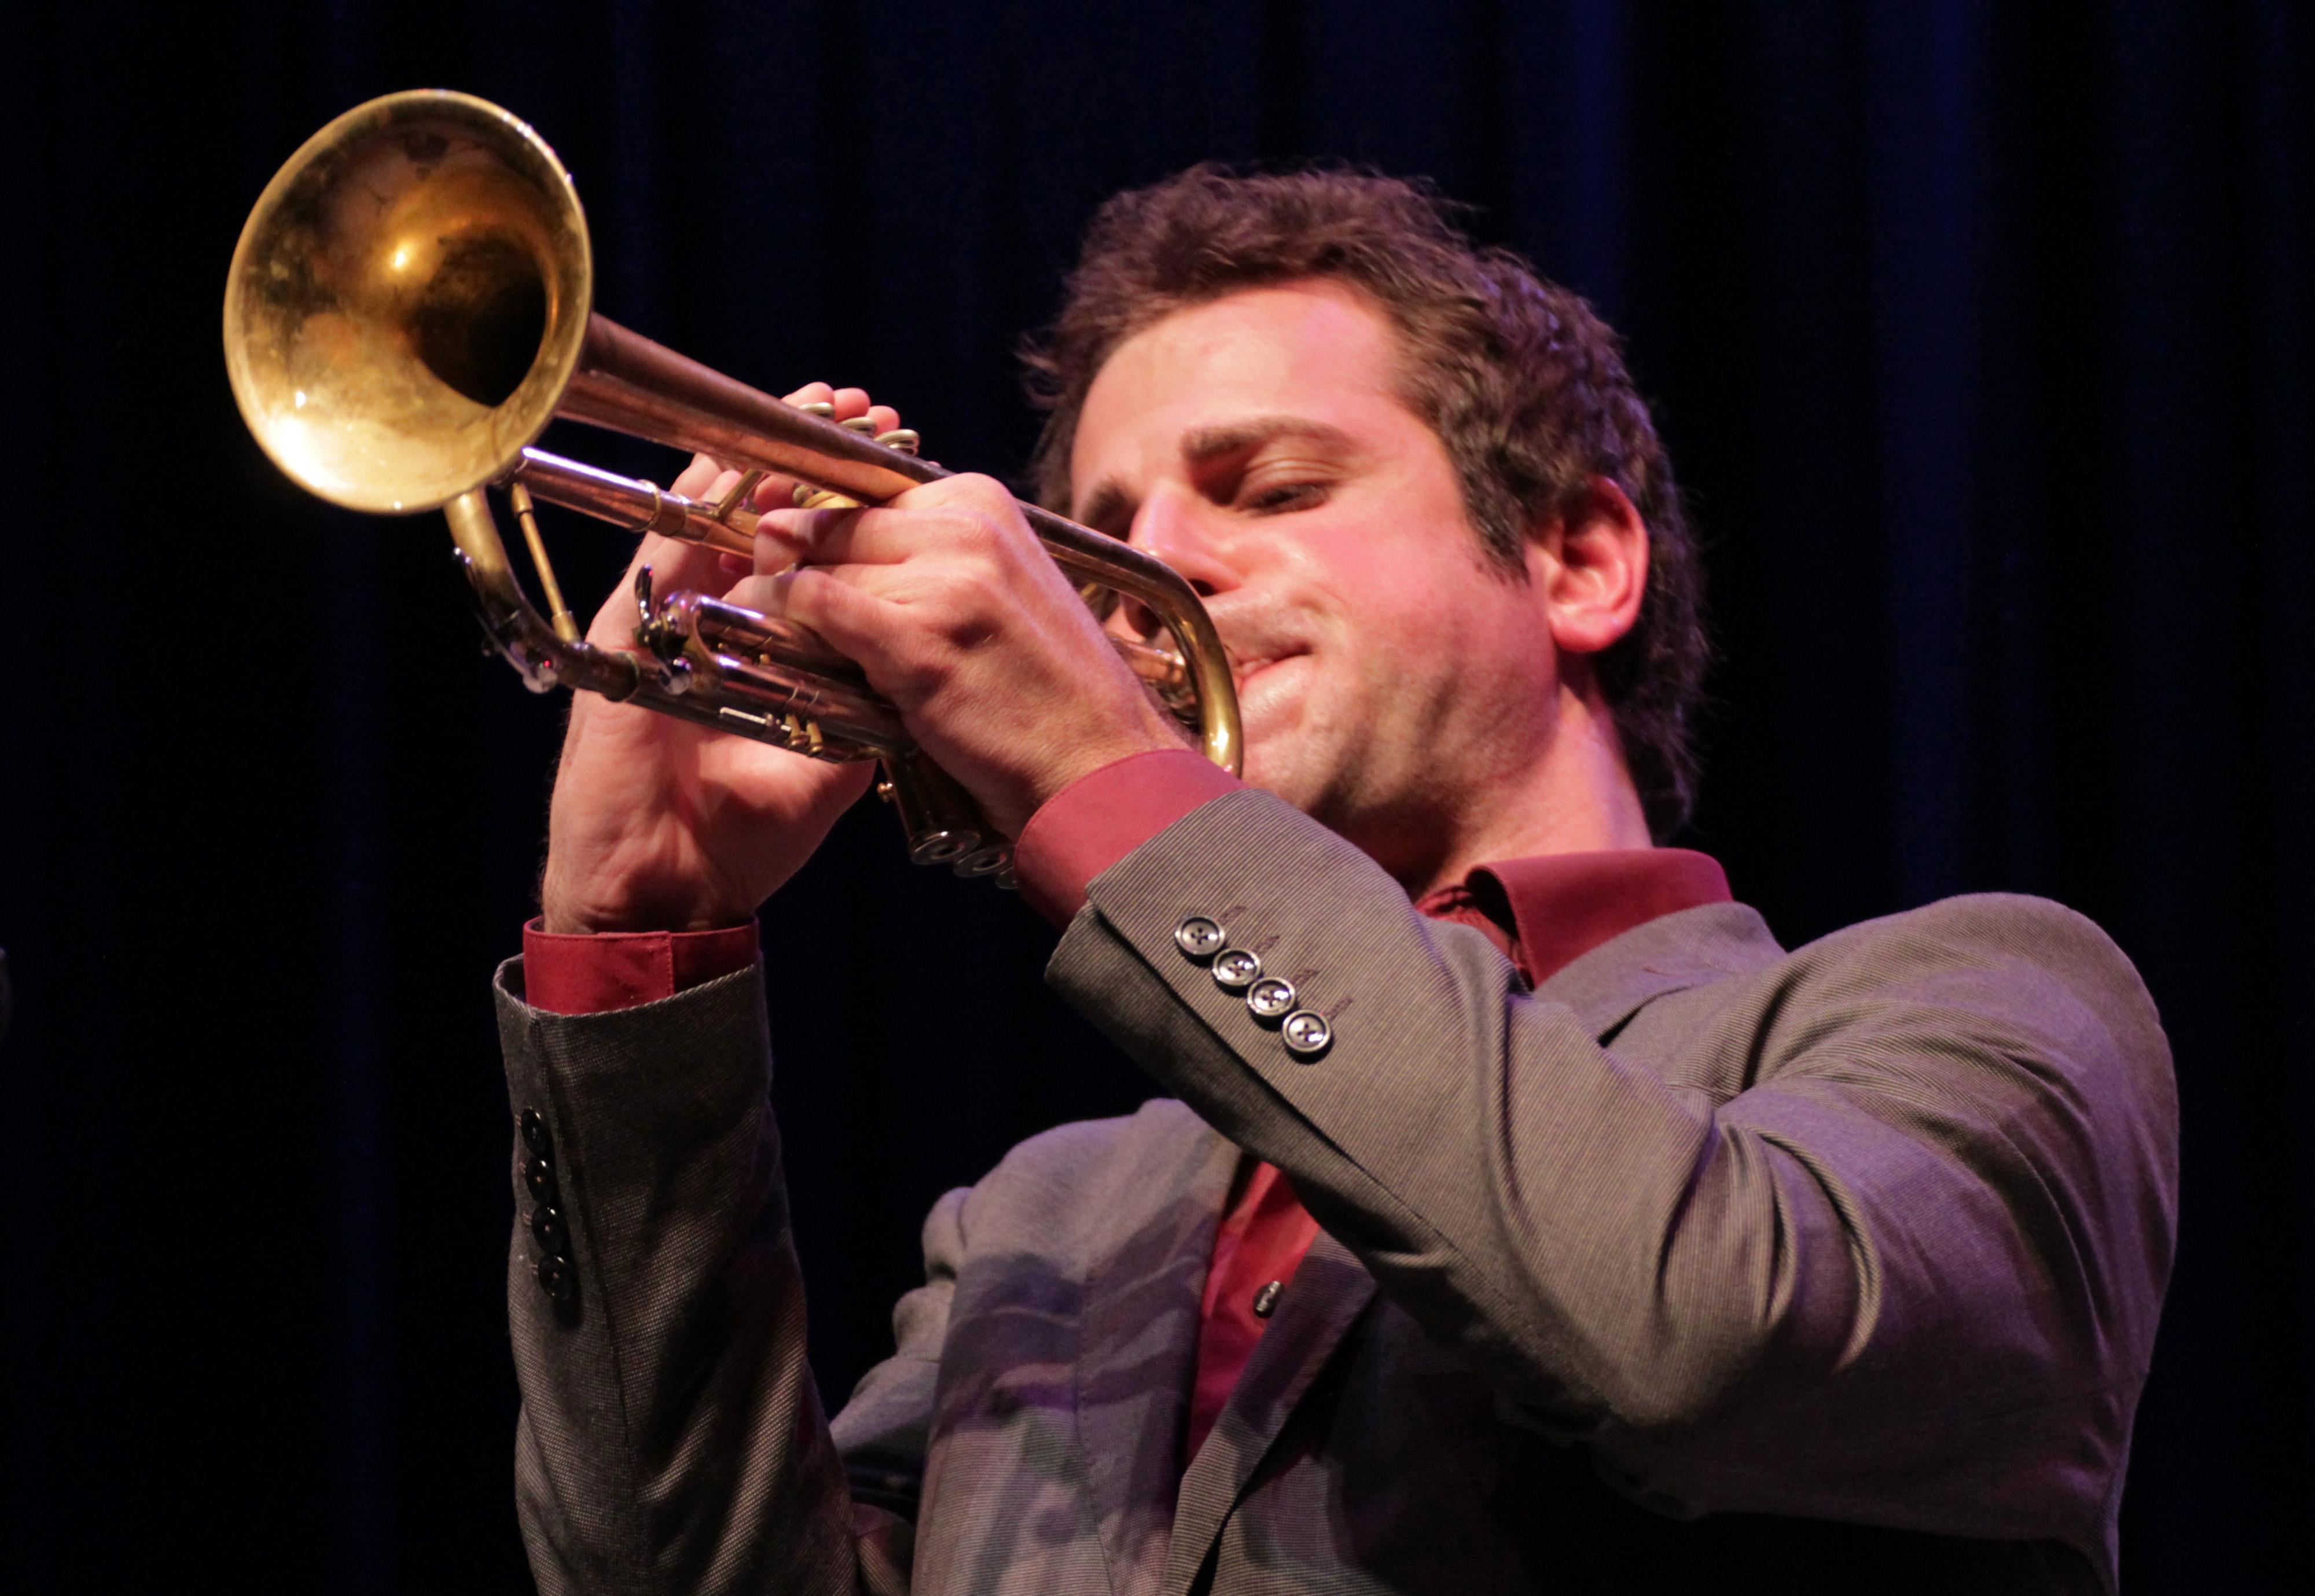 Dominick farinacci at tri-c jazzfest cleveland 2013